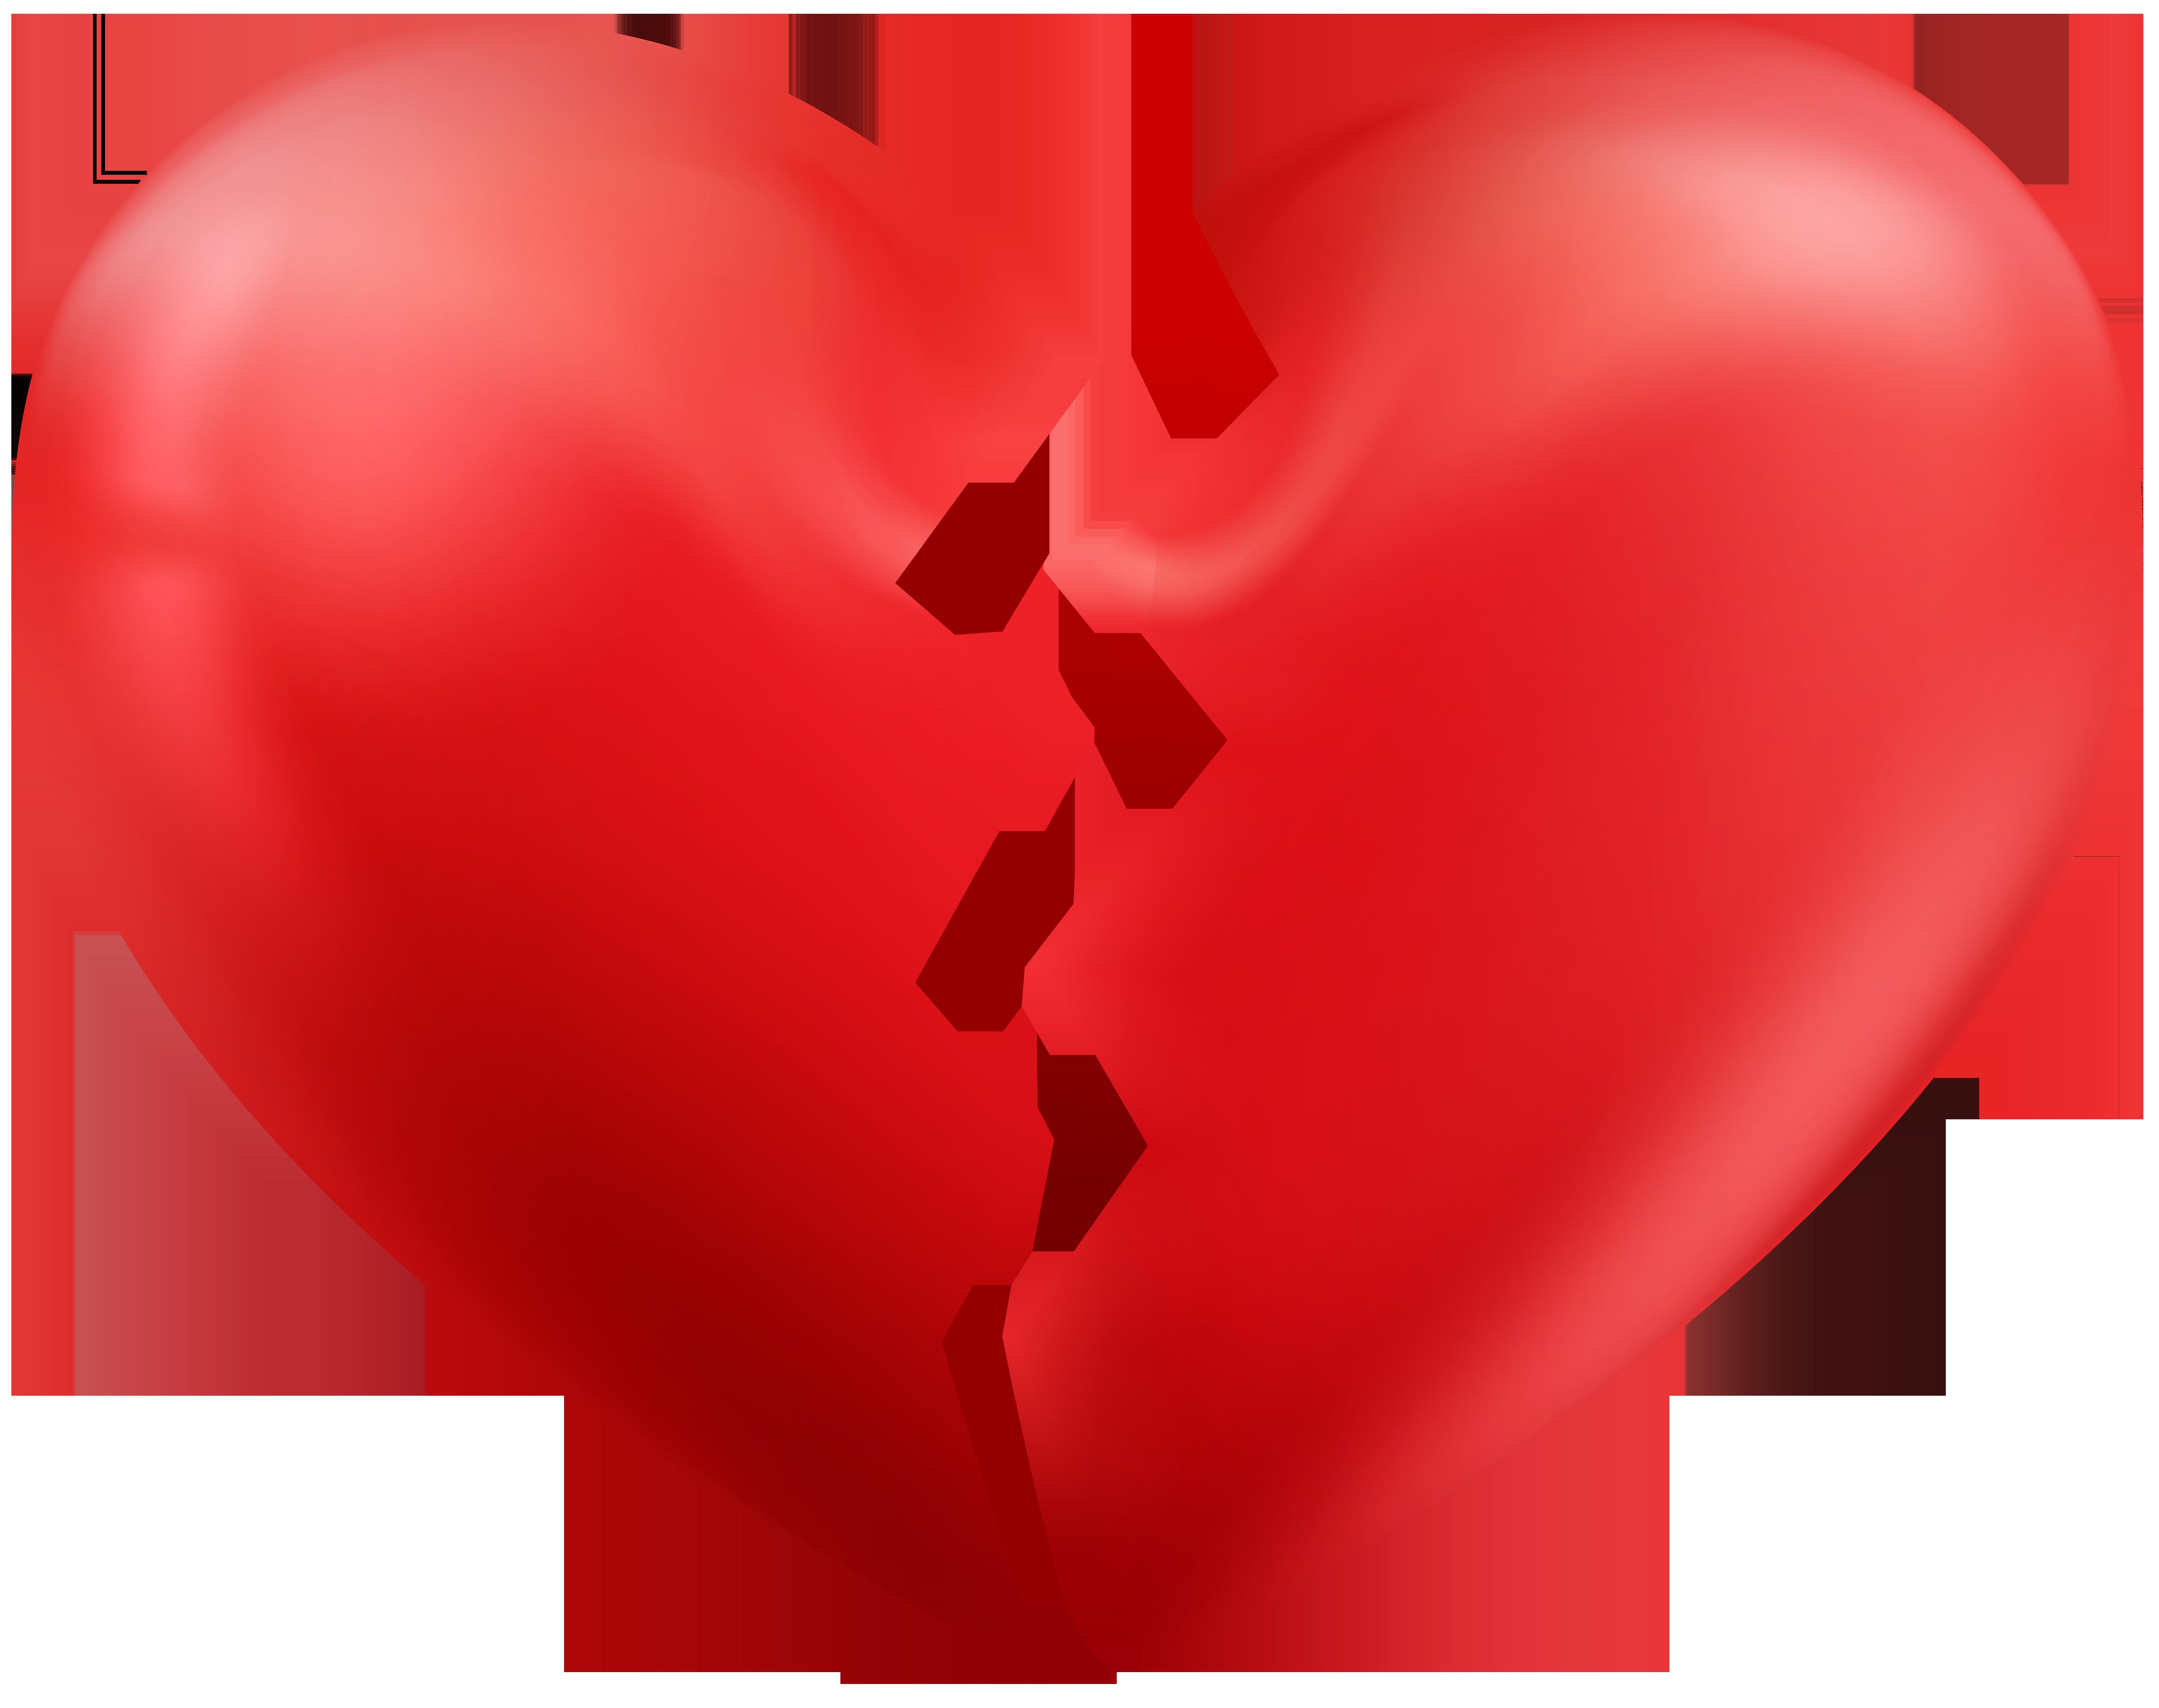 8000x6328 Broken Heart Transparent Png Clip Art Imageu200b Gallery